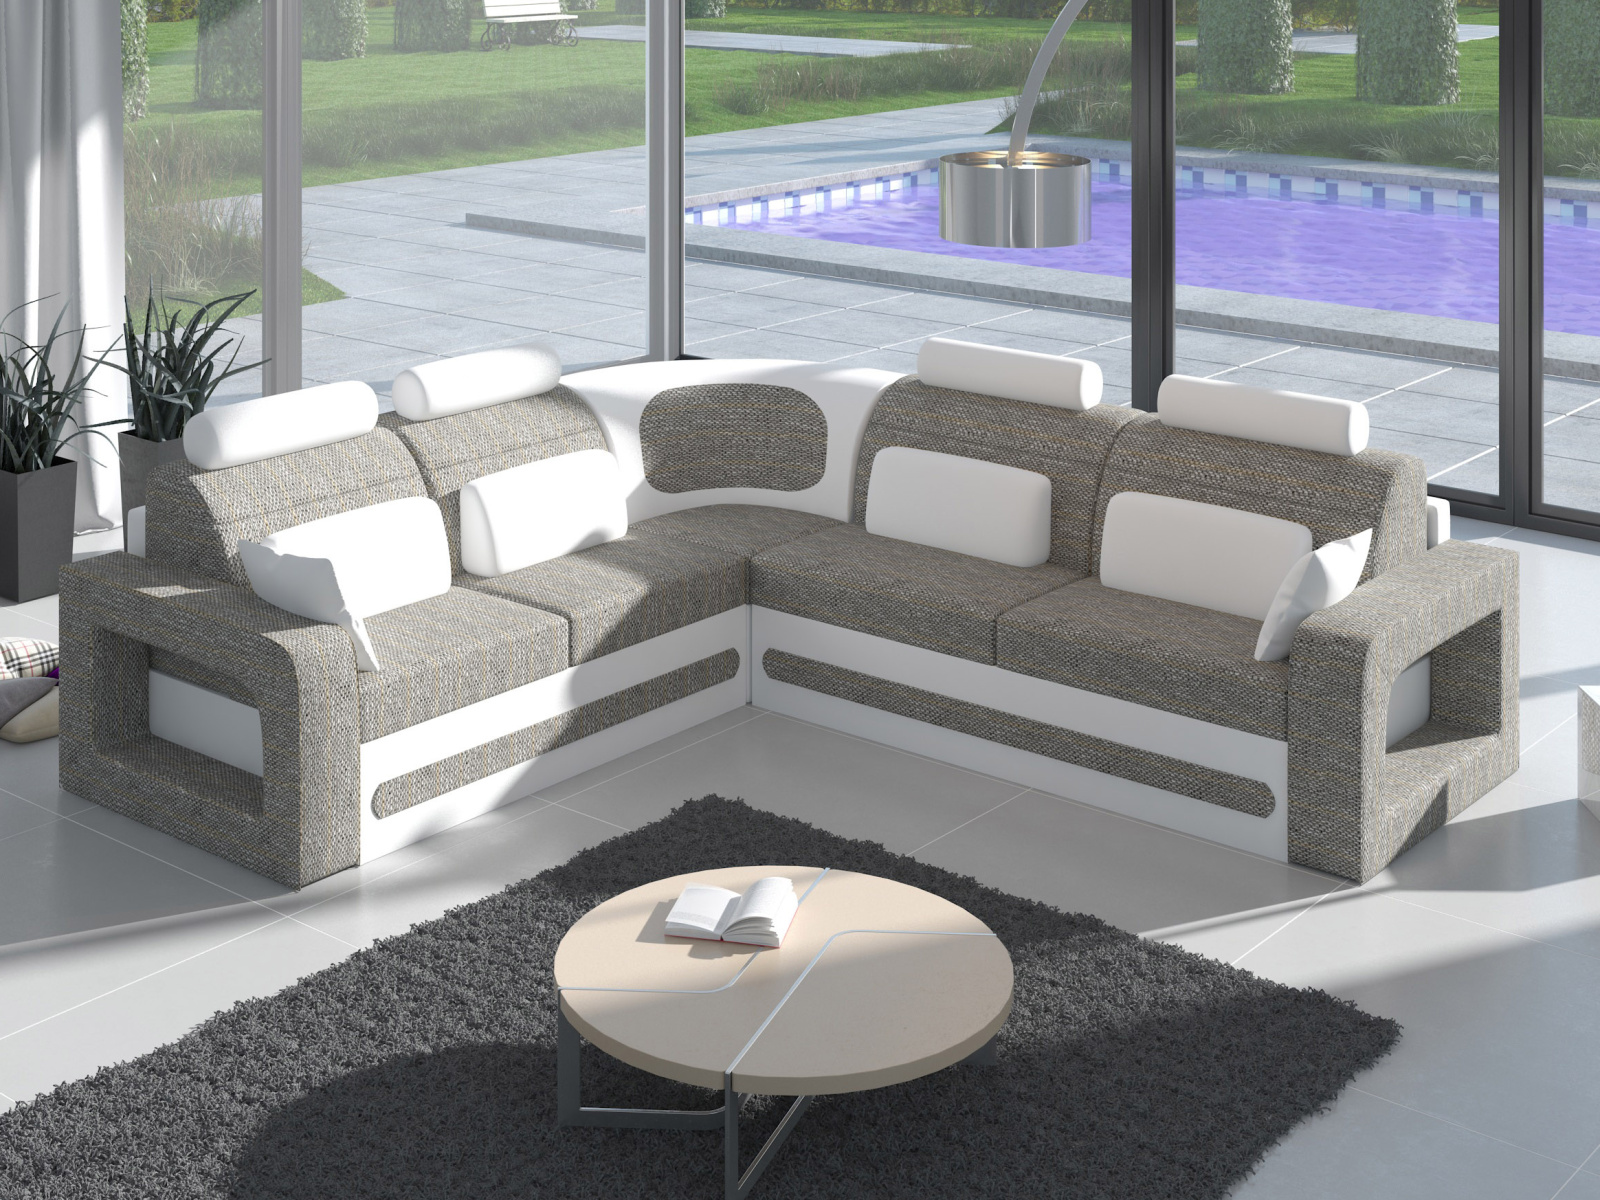 ELTAP Rohová sedačka BERGAMO 08 pravá, šedá látka/bílá ekokůže